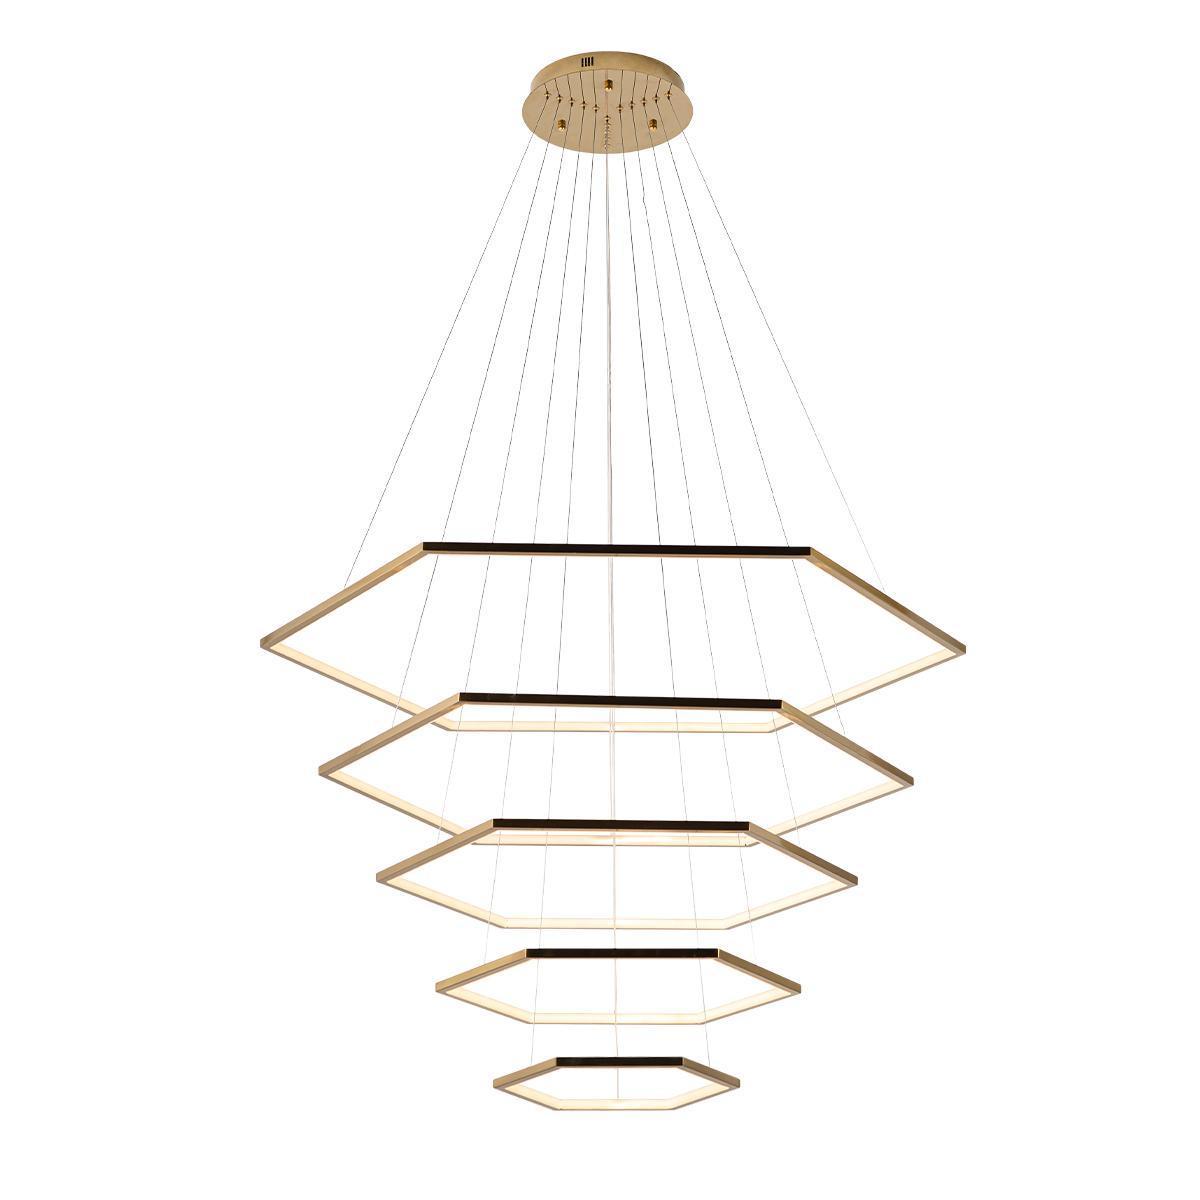 Подвесной светодиодный светильник Loft It Ring 10016/5, LED 122W, матовое золото, металл - фото 1